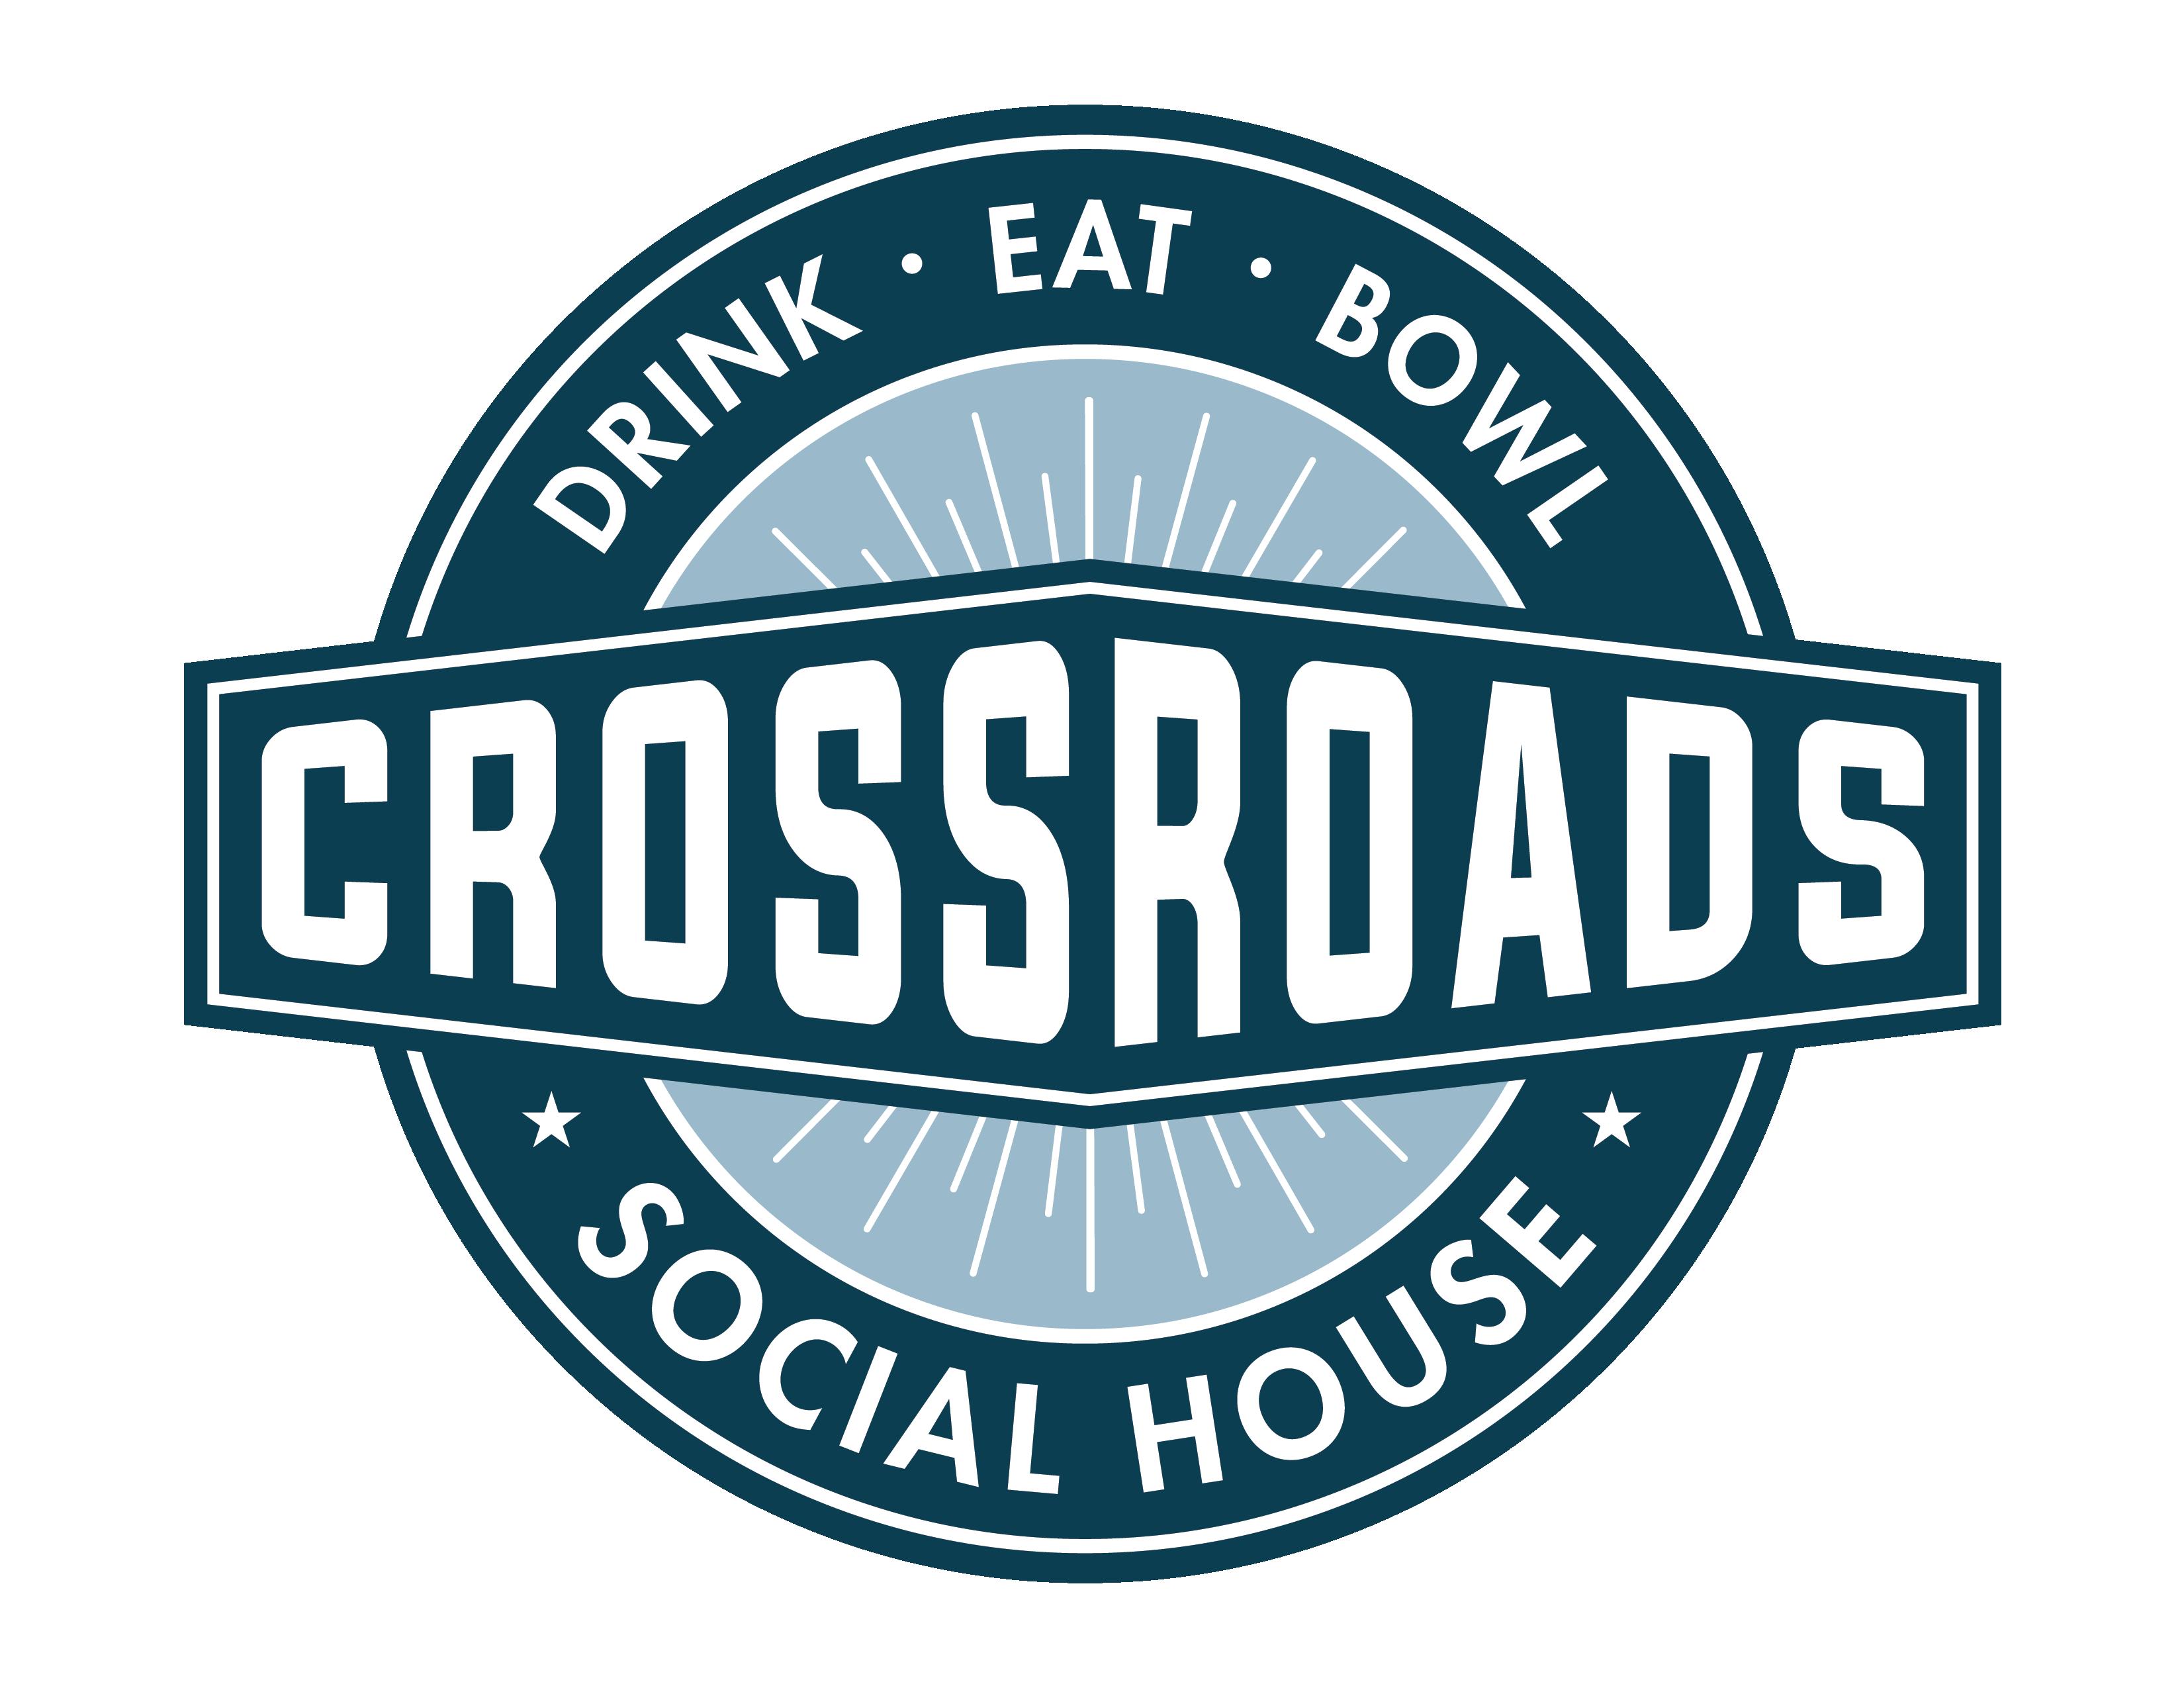 Crossroads Social House